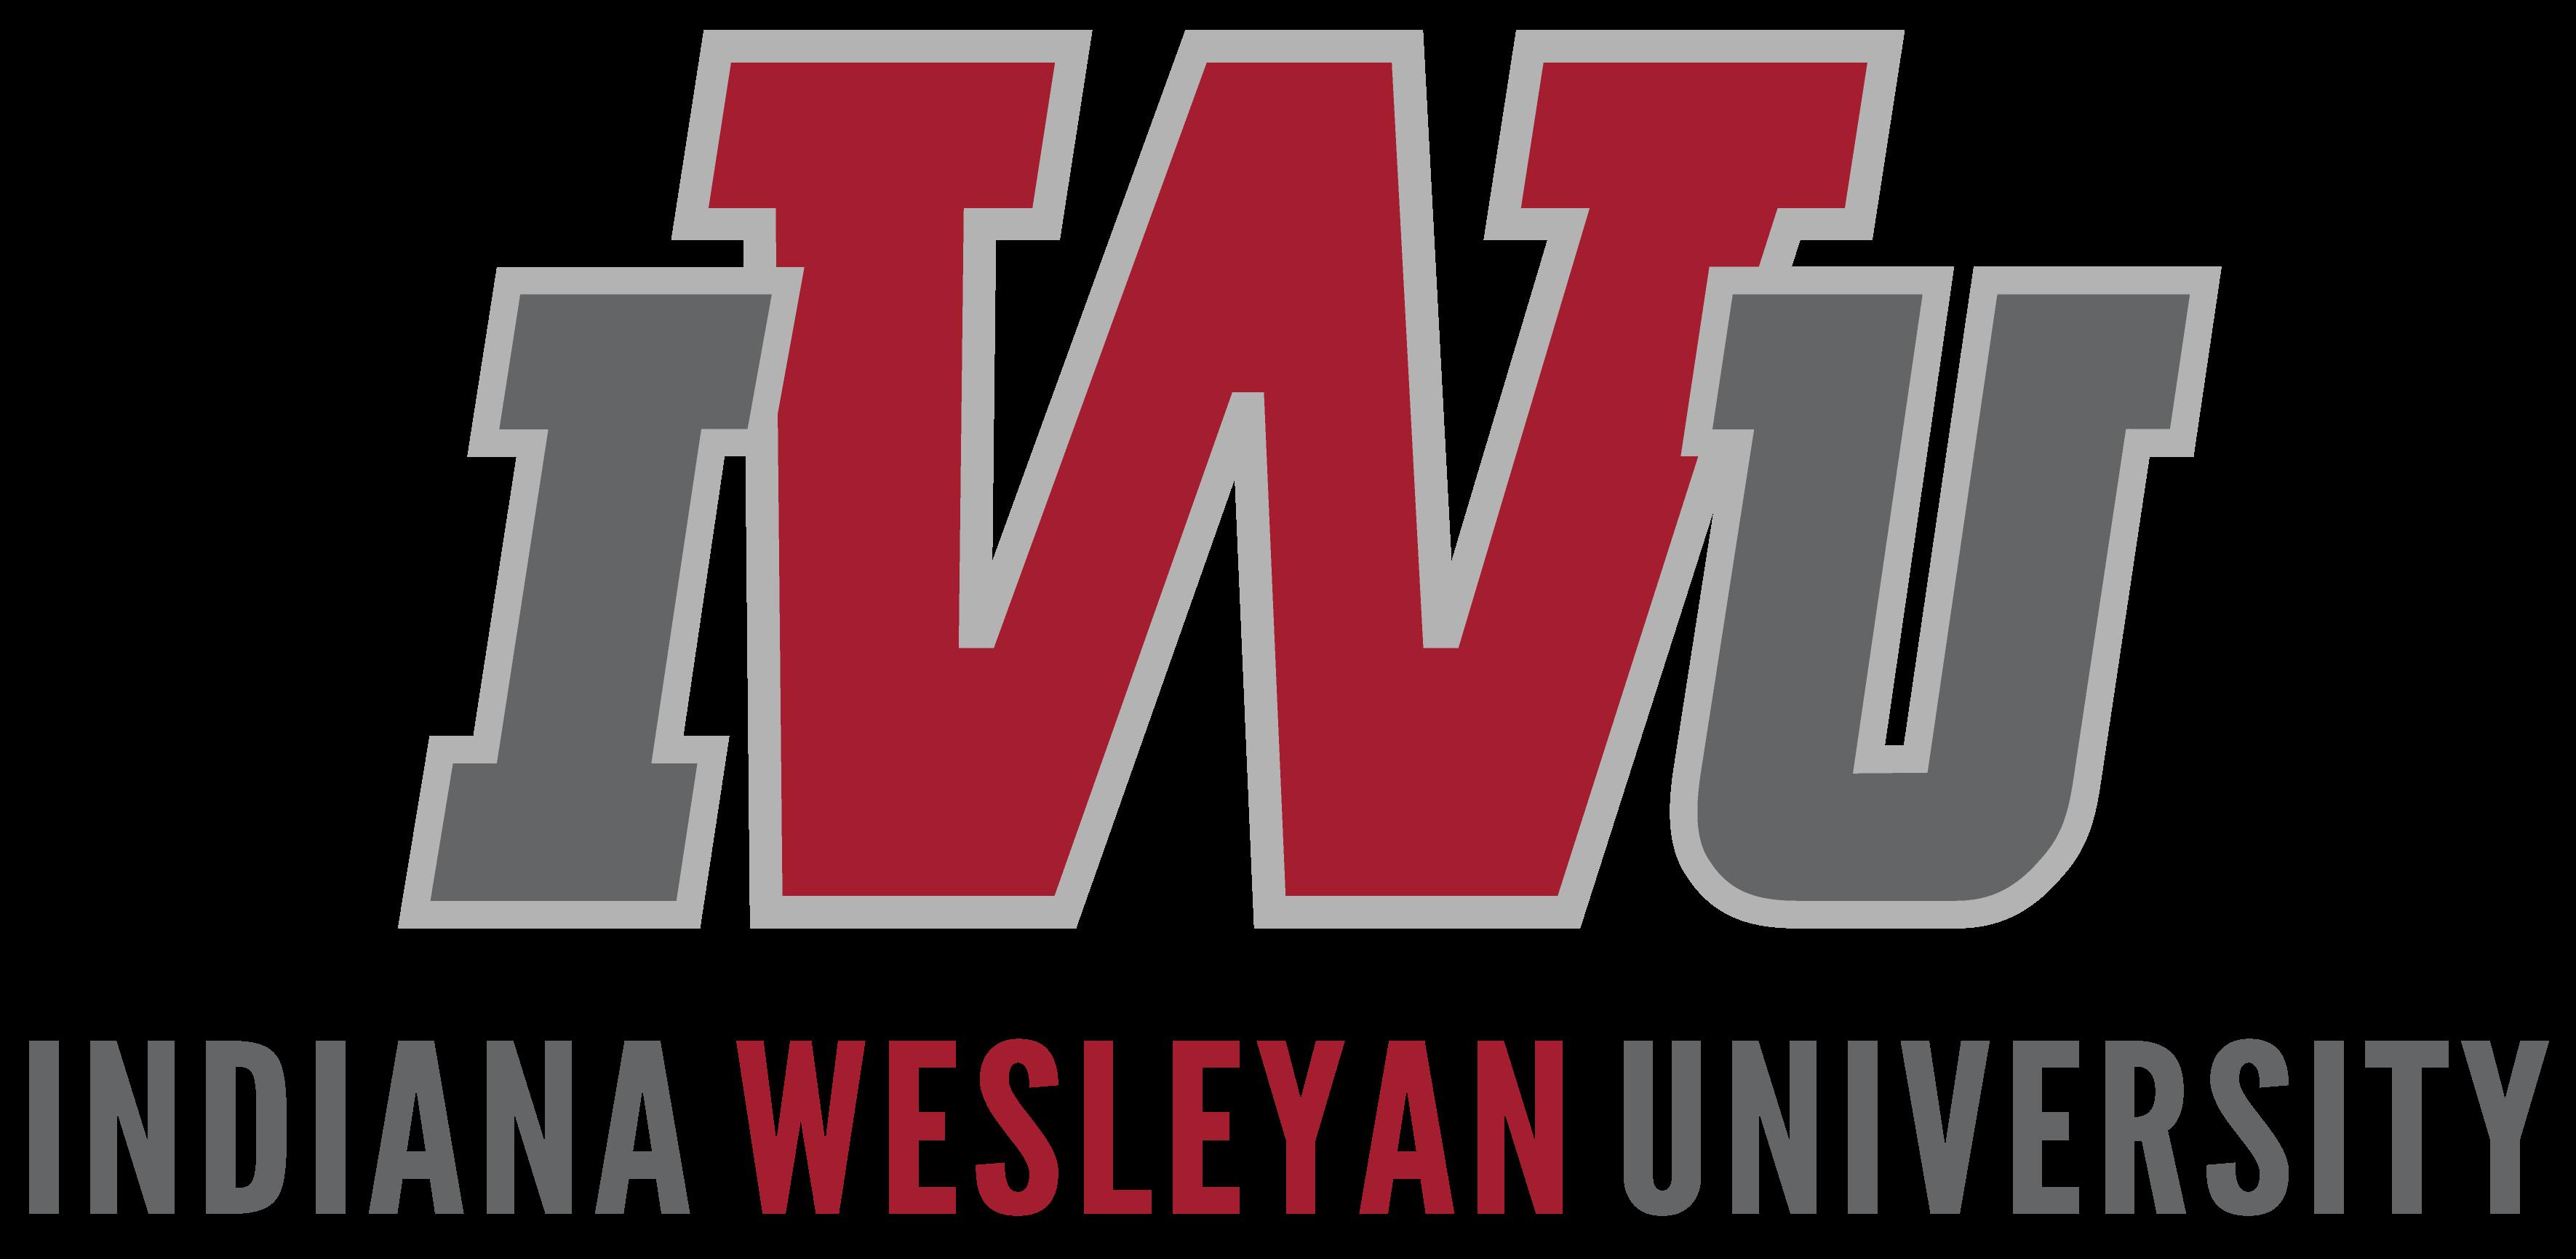 indiana-wesleyan